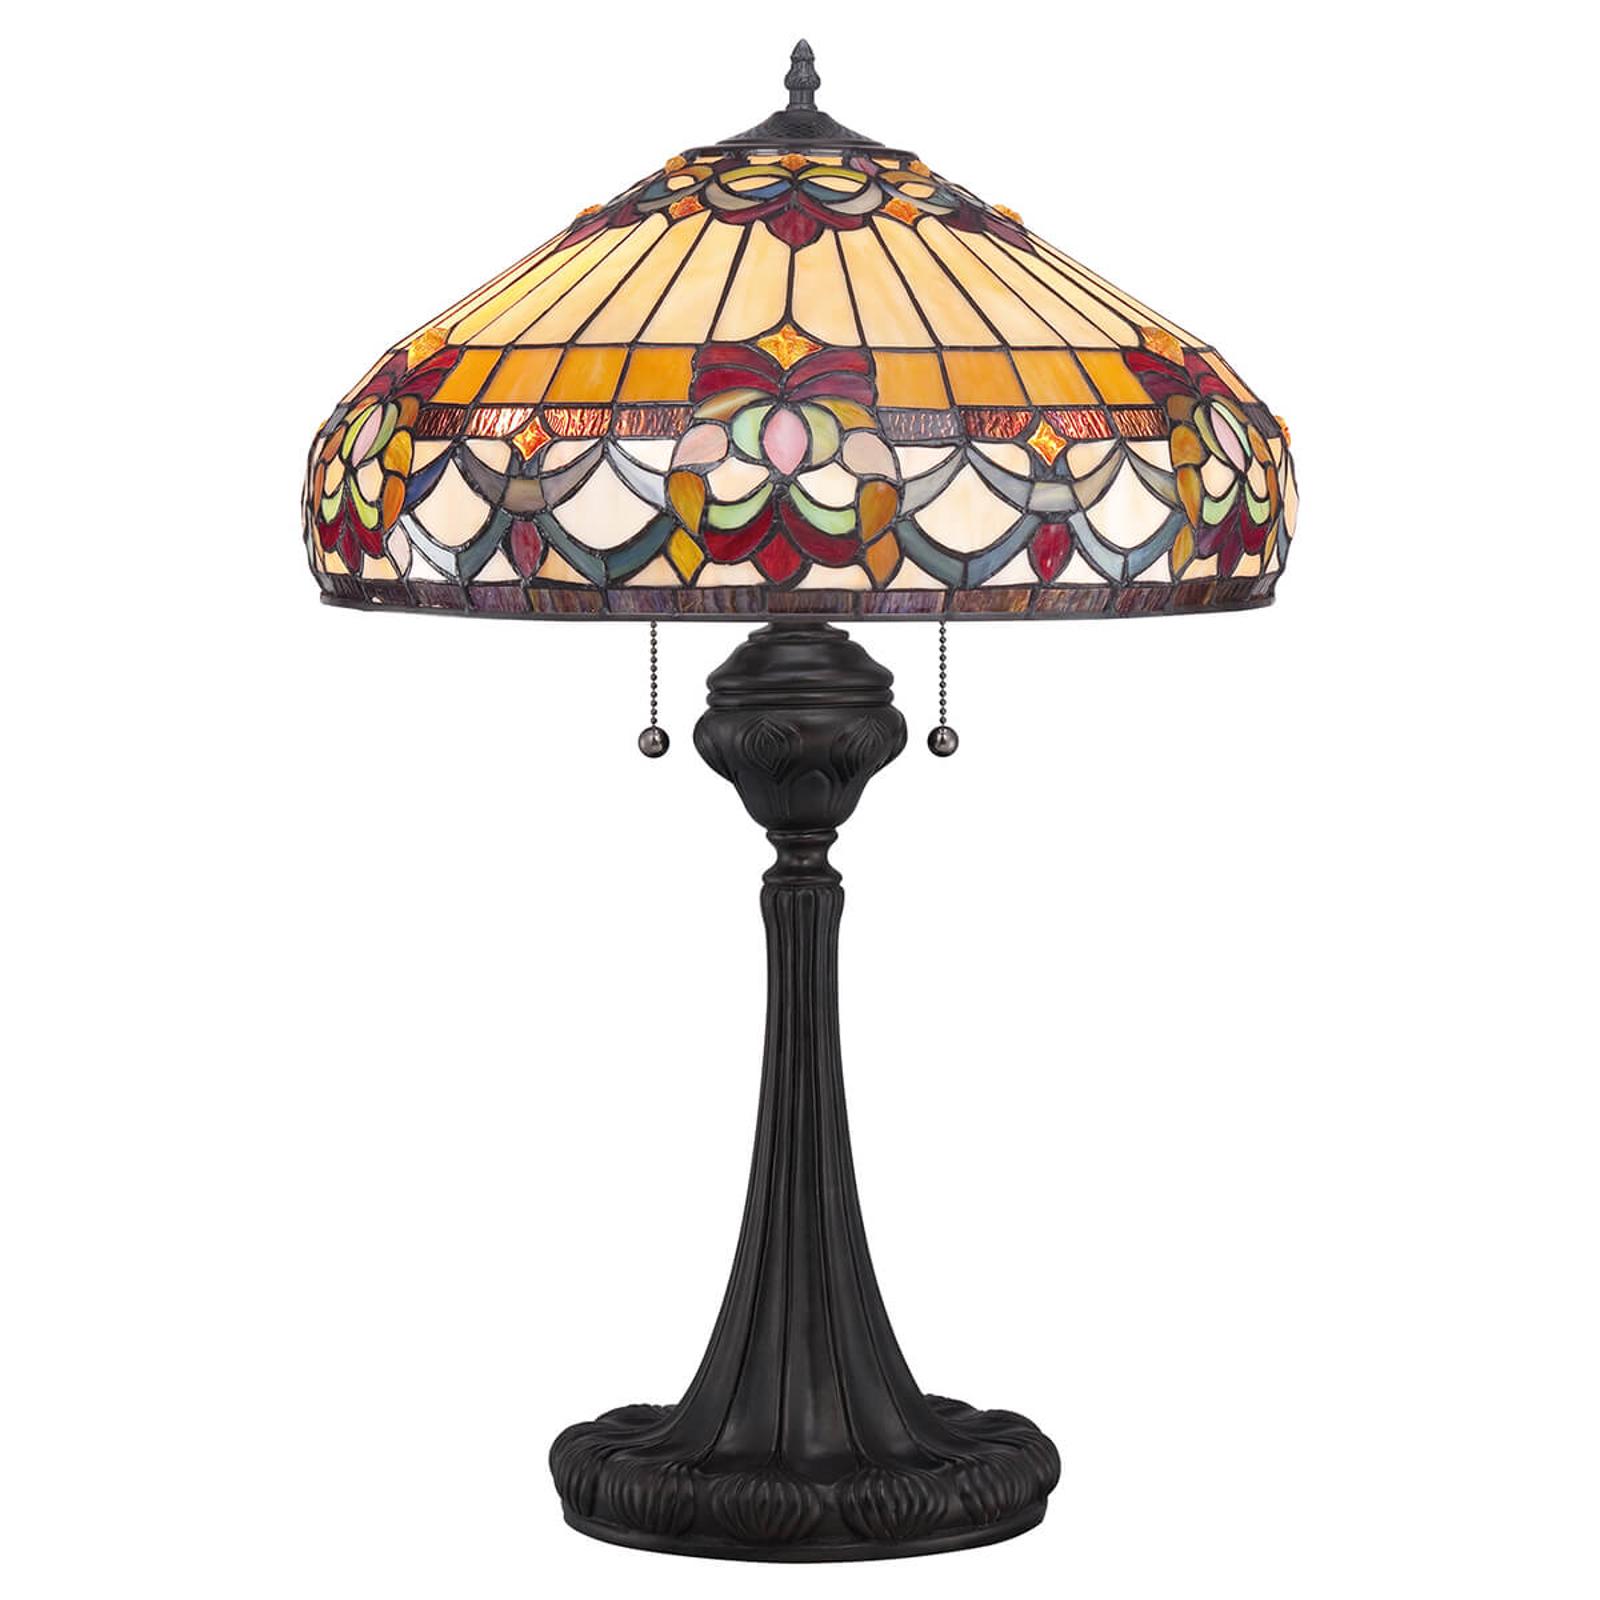 Lampe à poser Belle Fleur au design Tiffany